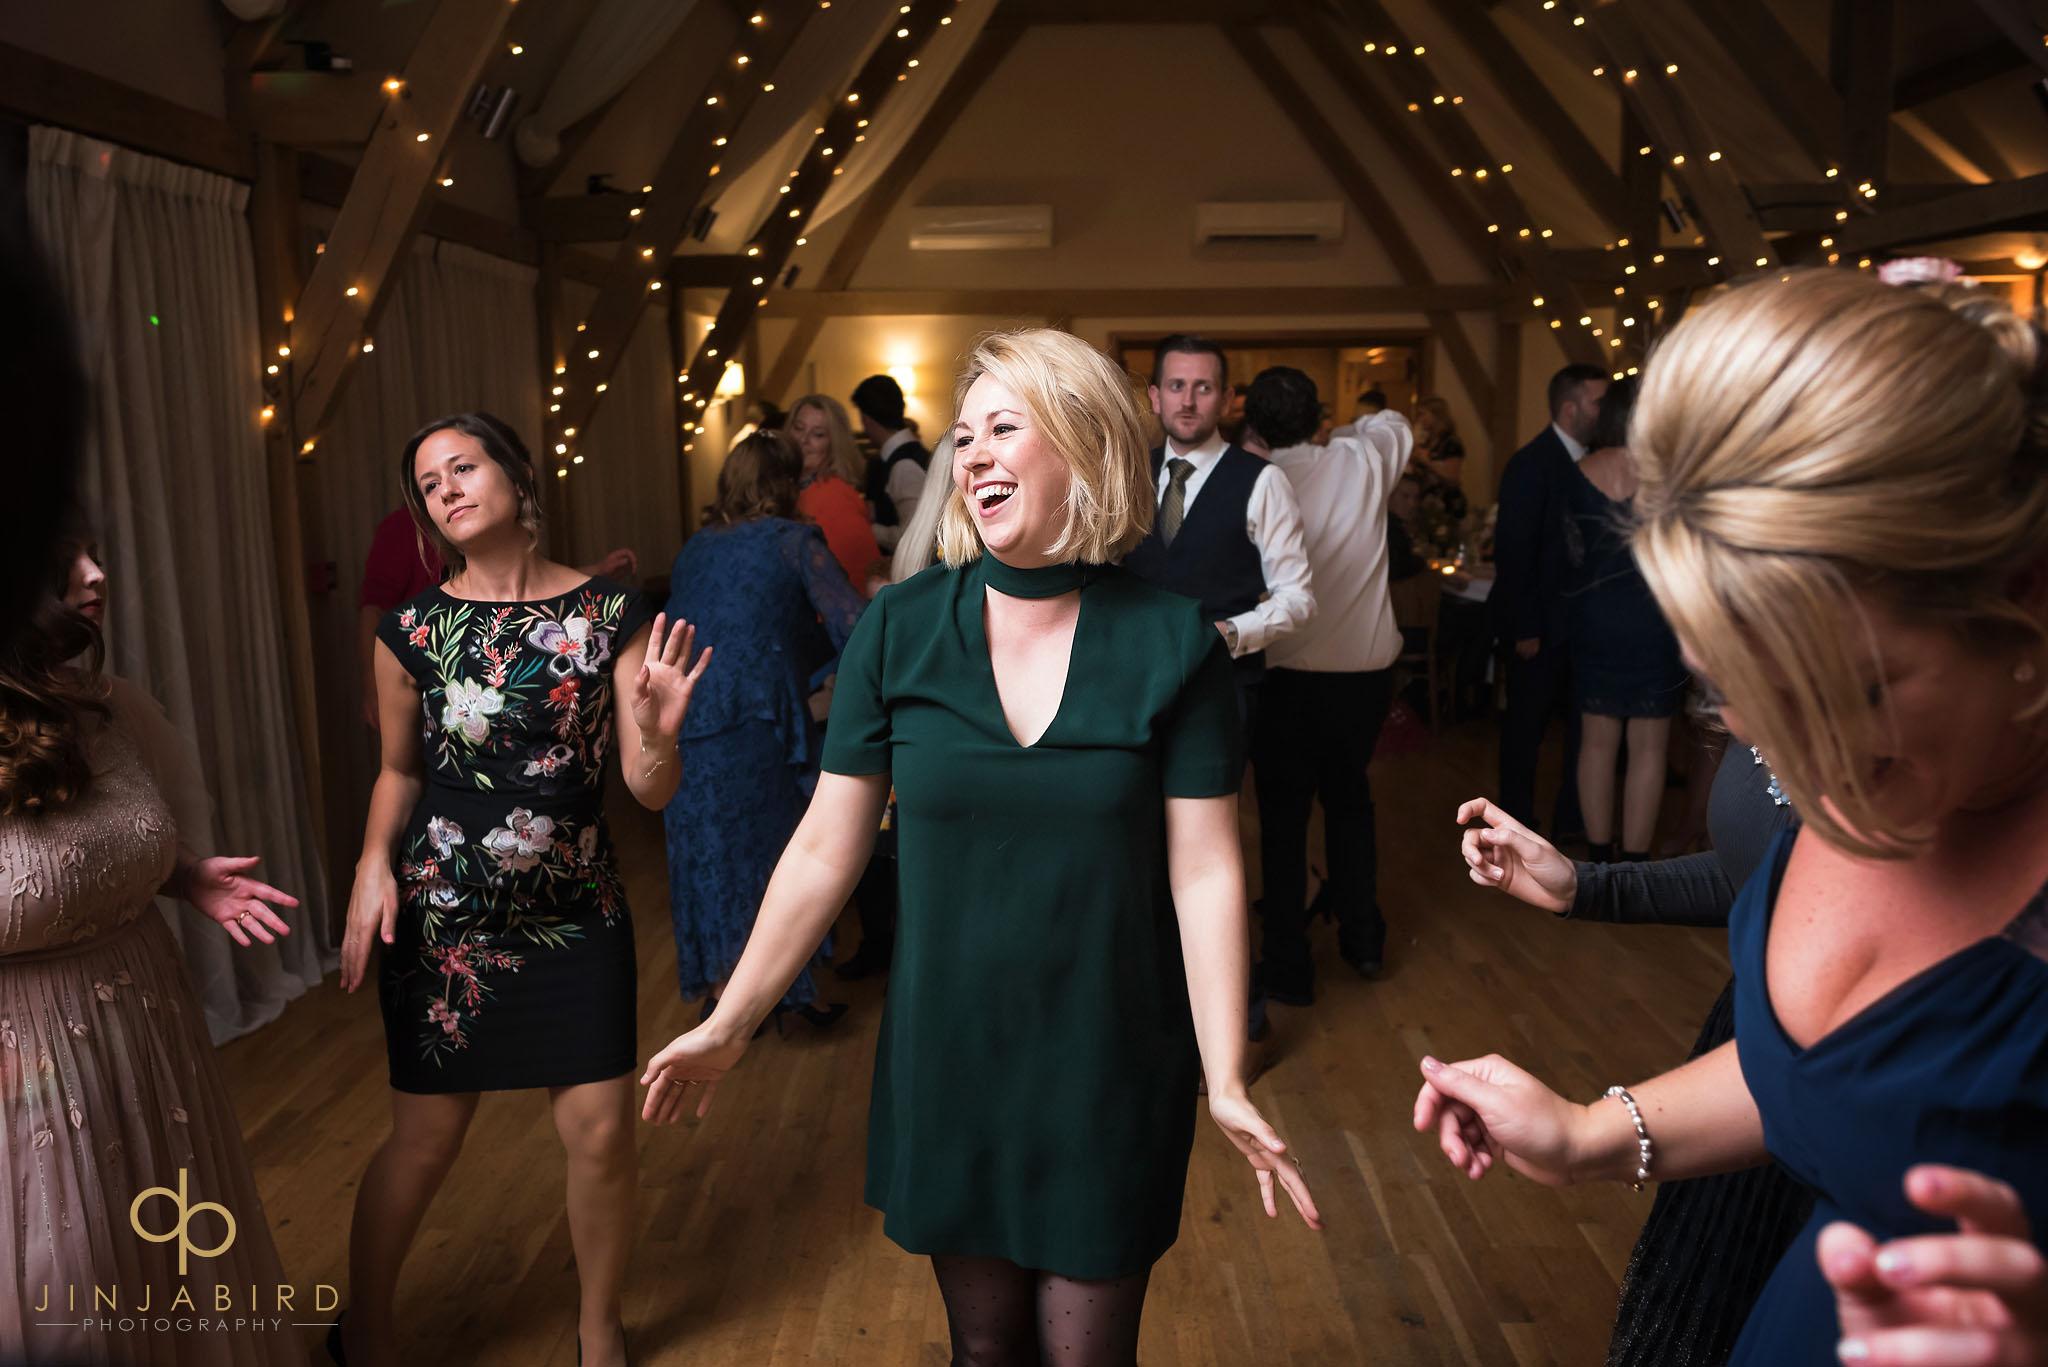 wedding disco bassmead